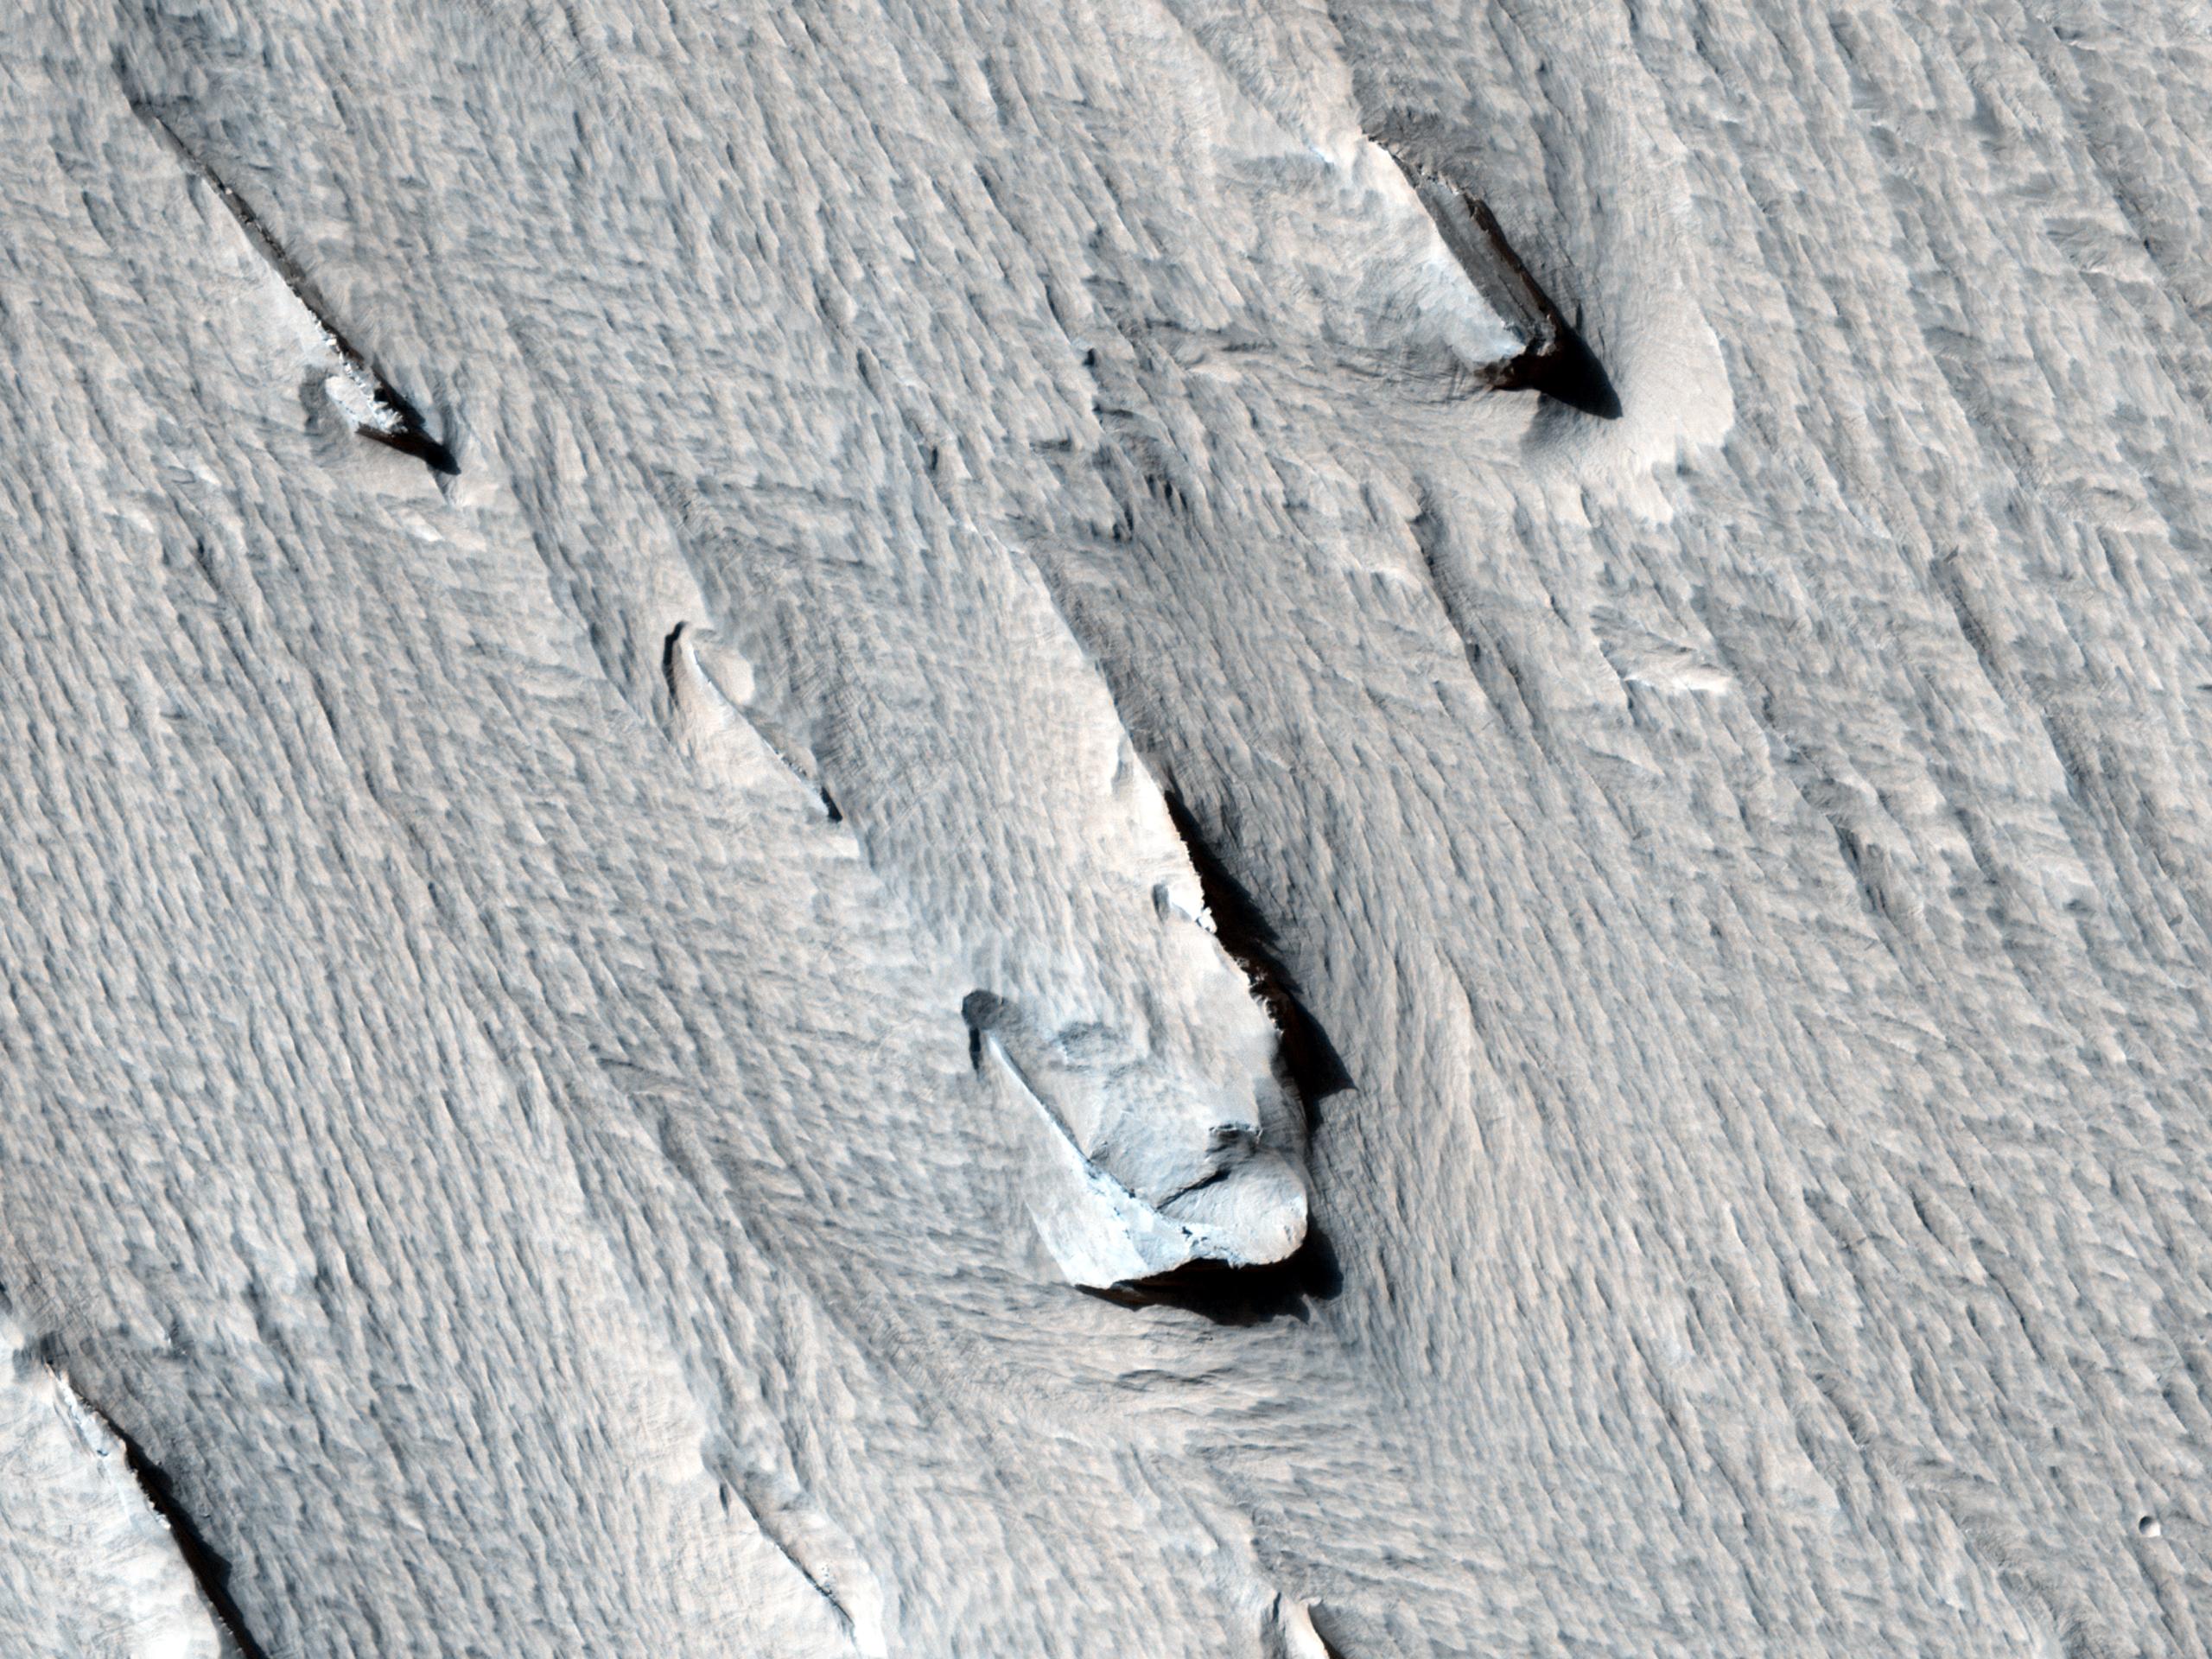 Σχηματισμός Yardangs Κοντά στην Κορυφογρμμή του Γόρδιου (Gordii Dorsum)